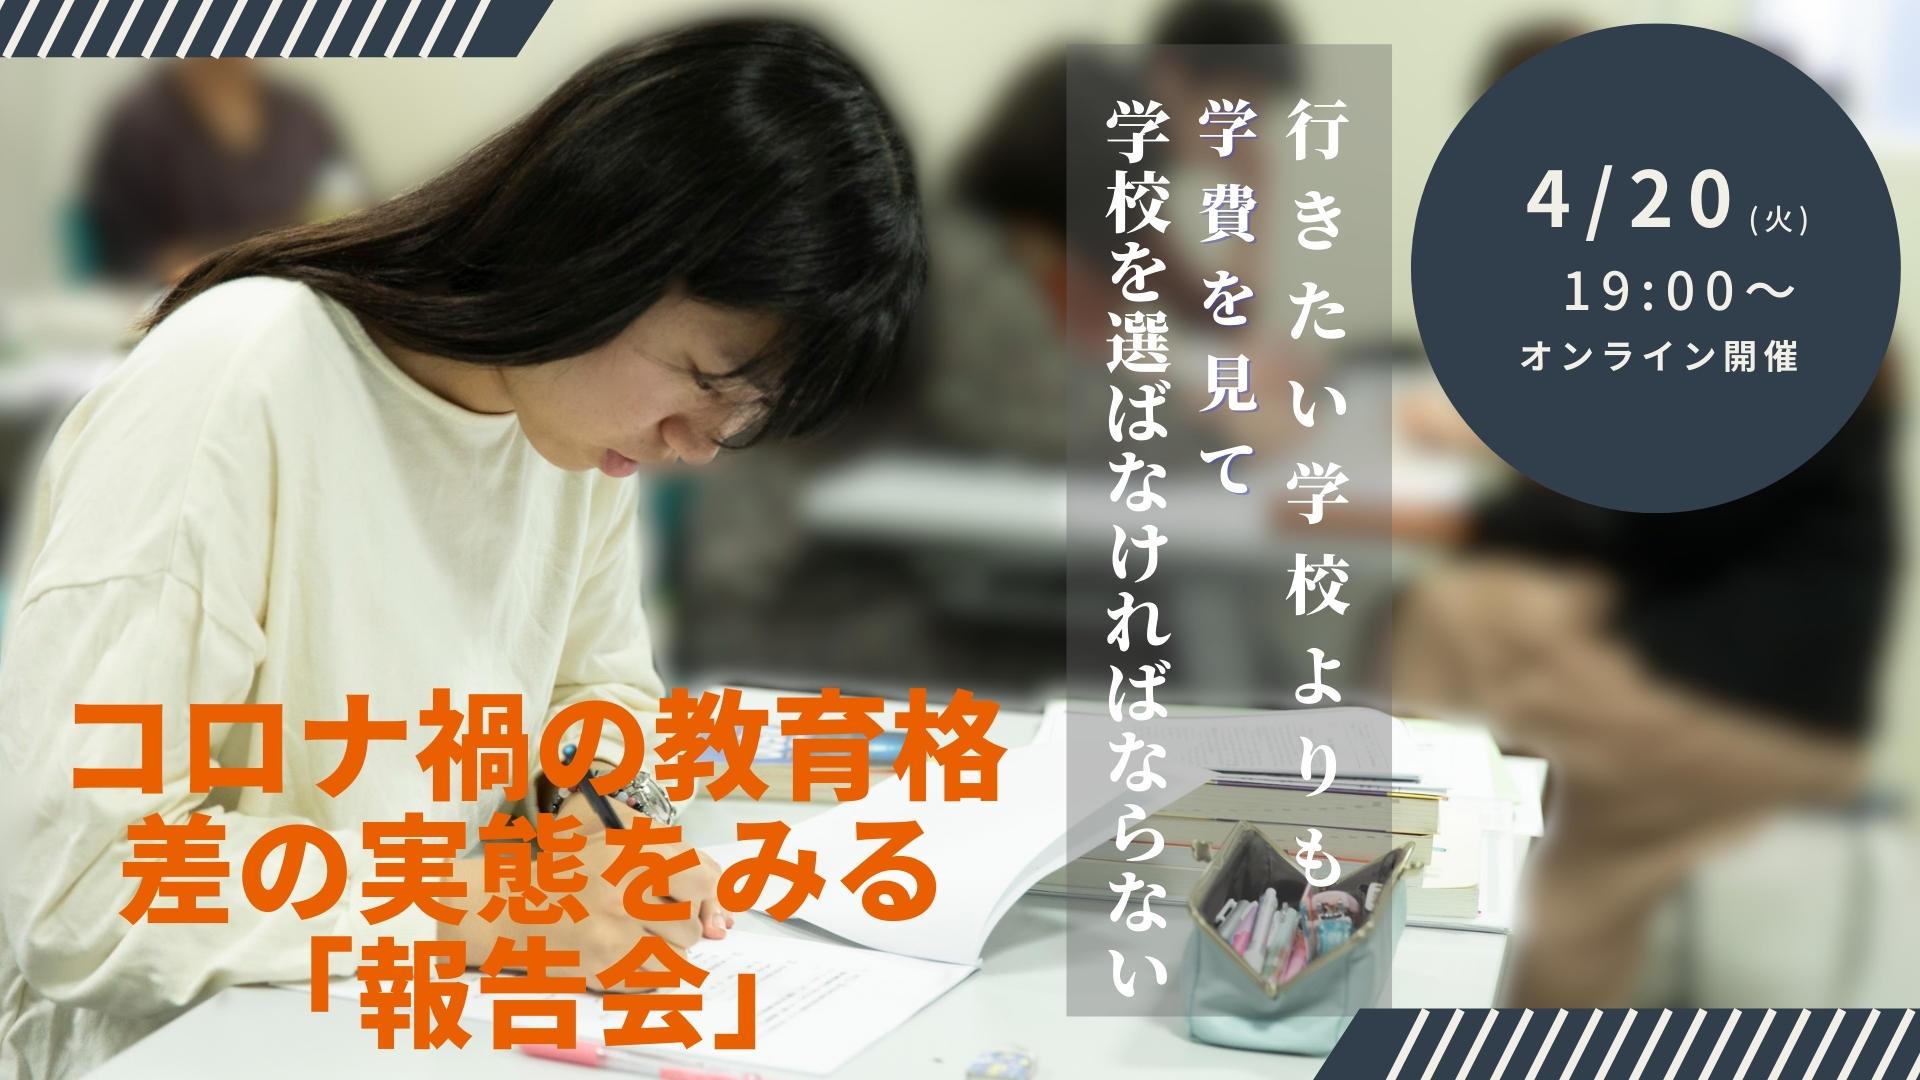 【コロナ禍の教育格差の実態】報告会